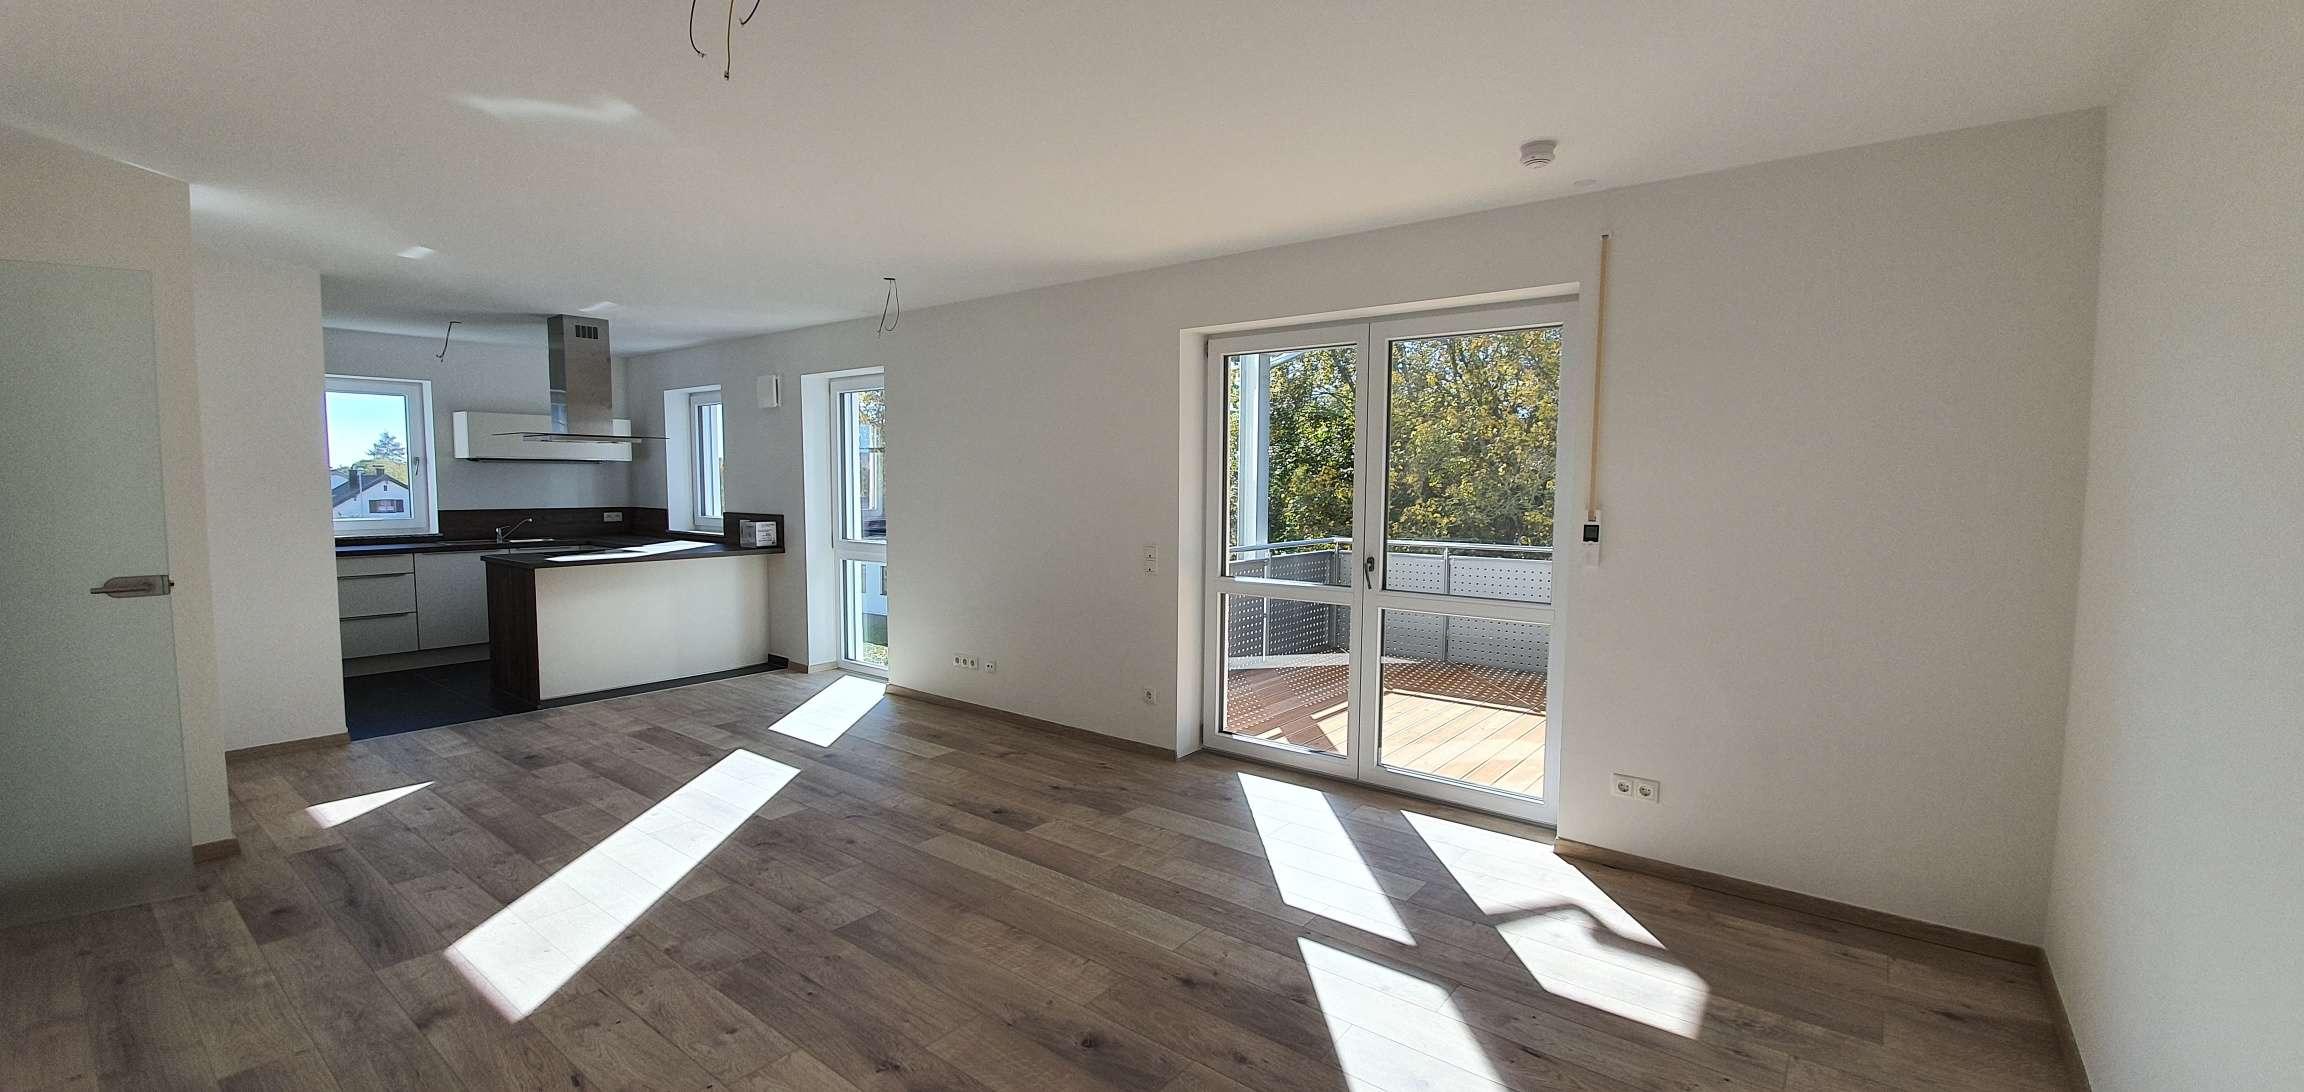 ...große 4-Zimmer-Wohnung mit EBK und 12m² überdachtem Balkon ... in Mühldorf am Inn